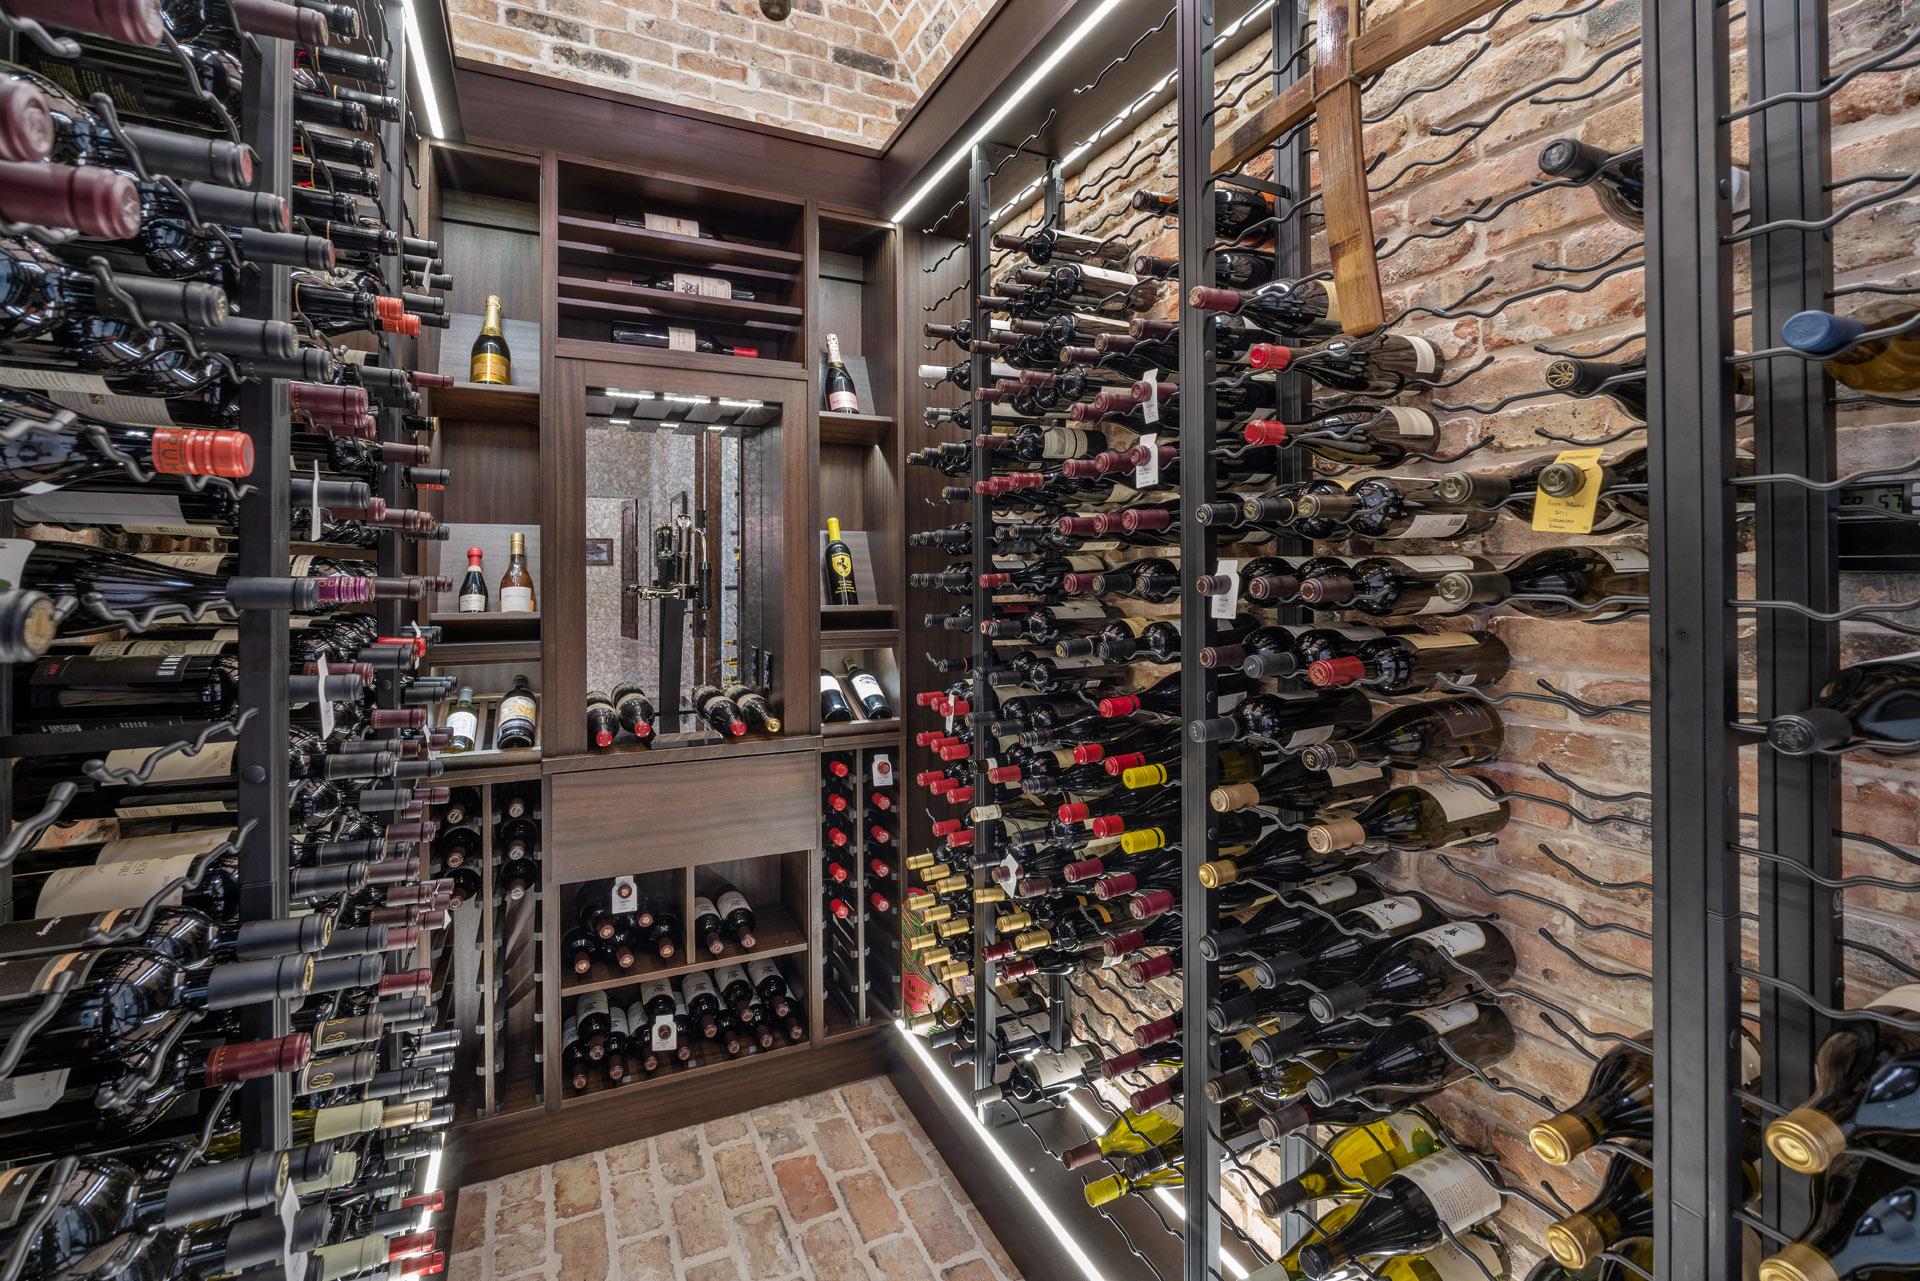 custom wine room built by Einheit home builders in Orlando